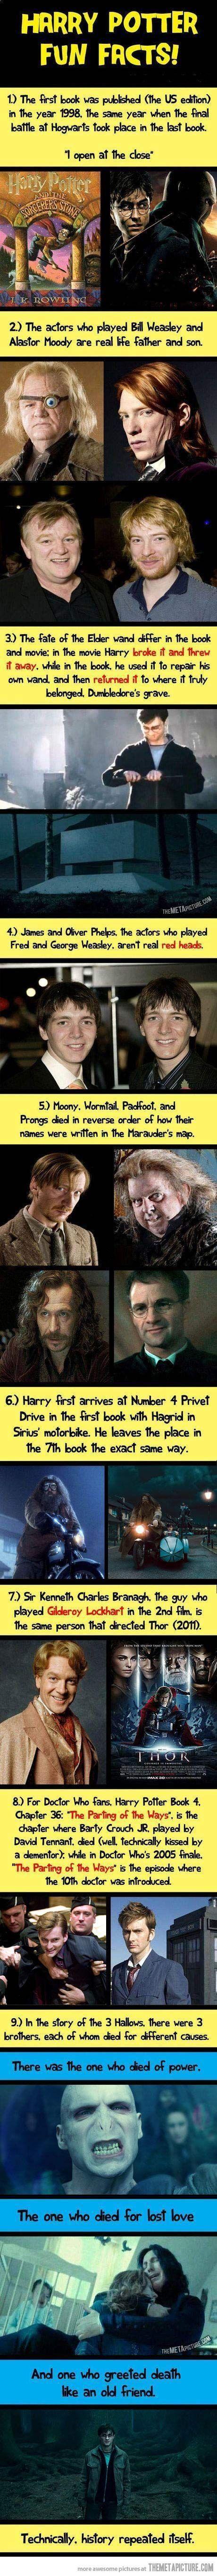 cdfc3bc37c34d 718 best Harry Potter 33333 images on Pinterest